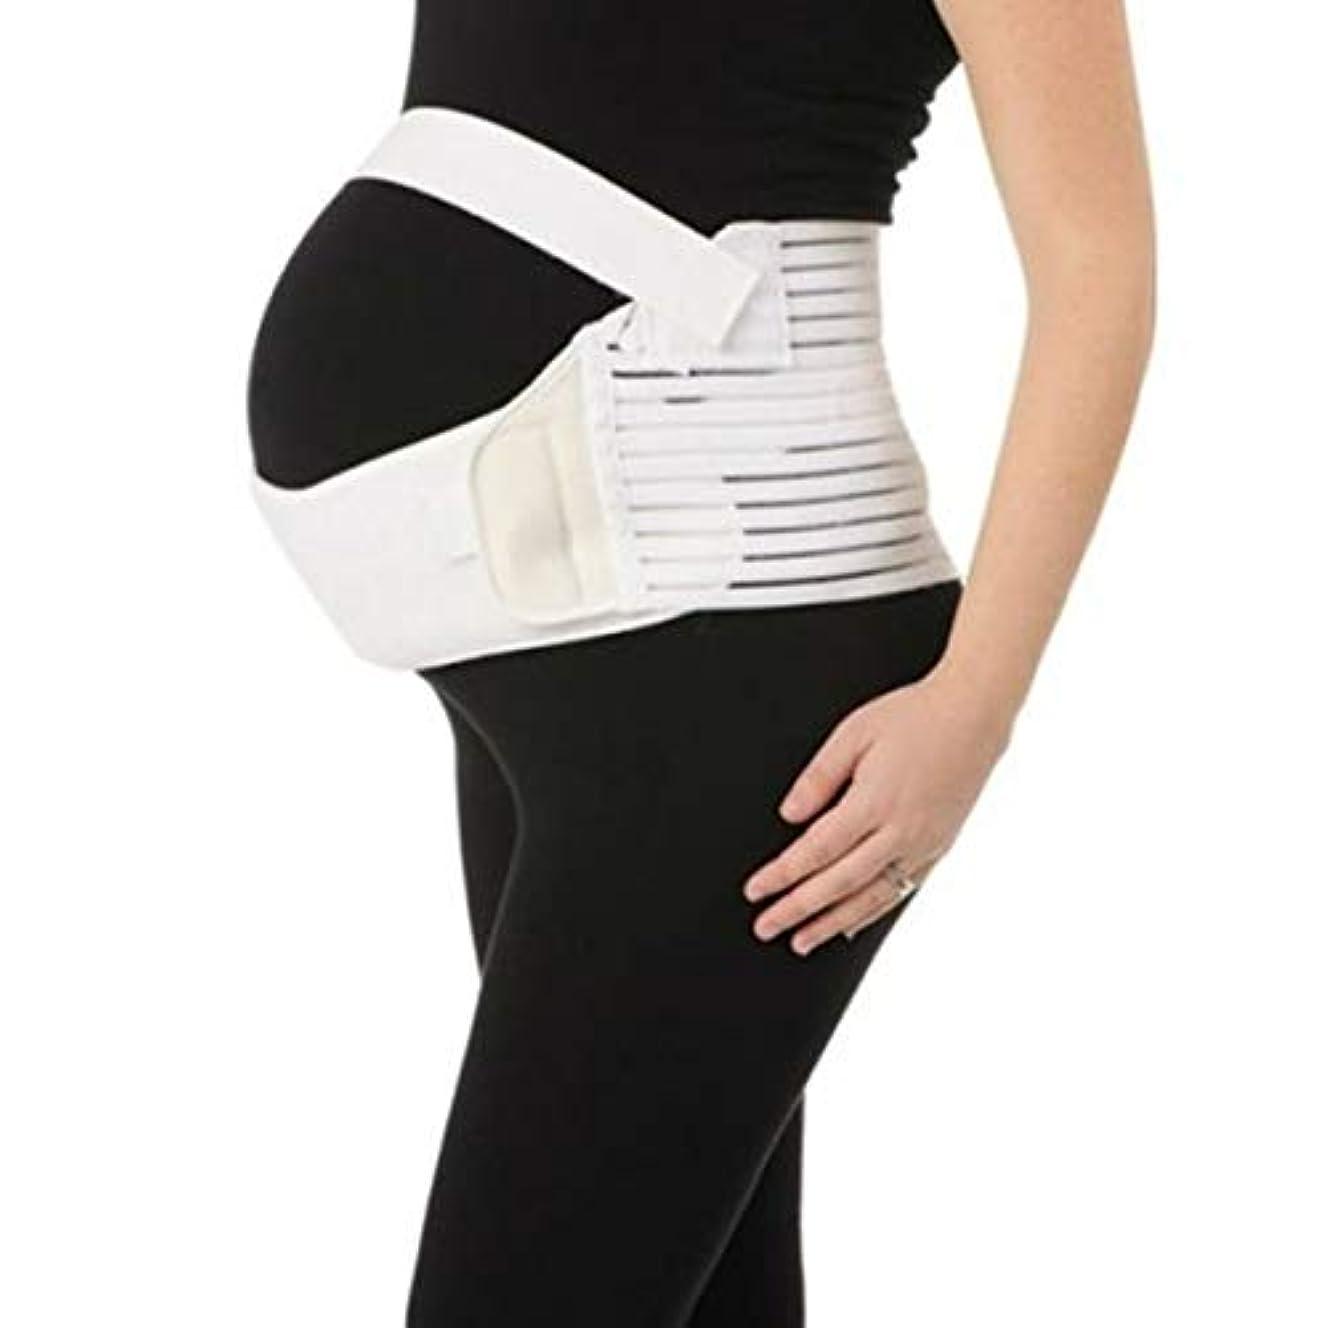 突っ込むクーポンコンプリート通気性産科ベルト妊娠腹部サポート腹部バインダーガードル運動包帯産後の回復形状ウェア - ホワイトM